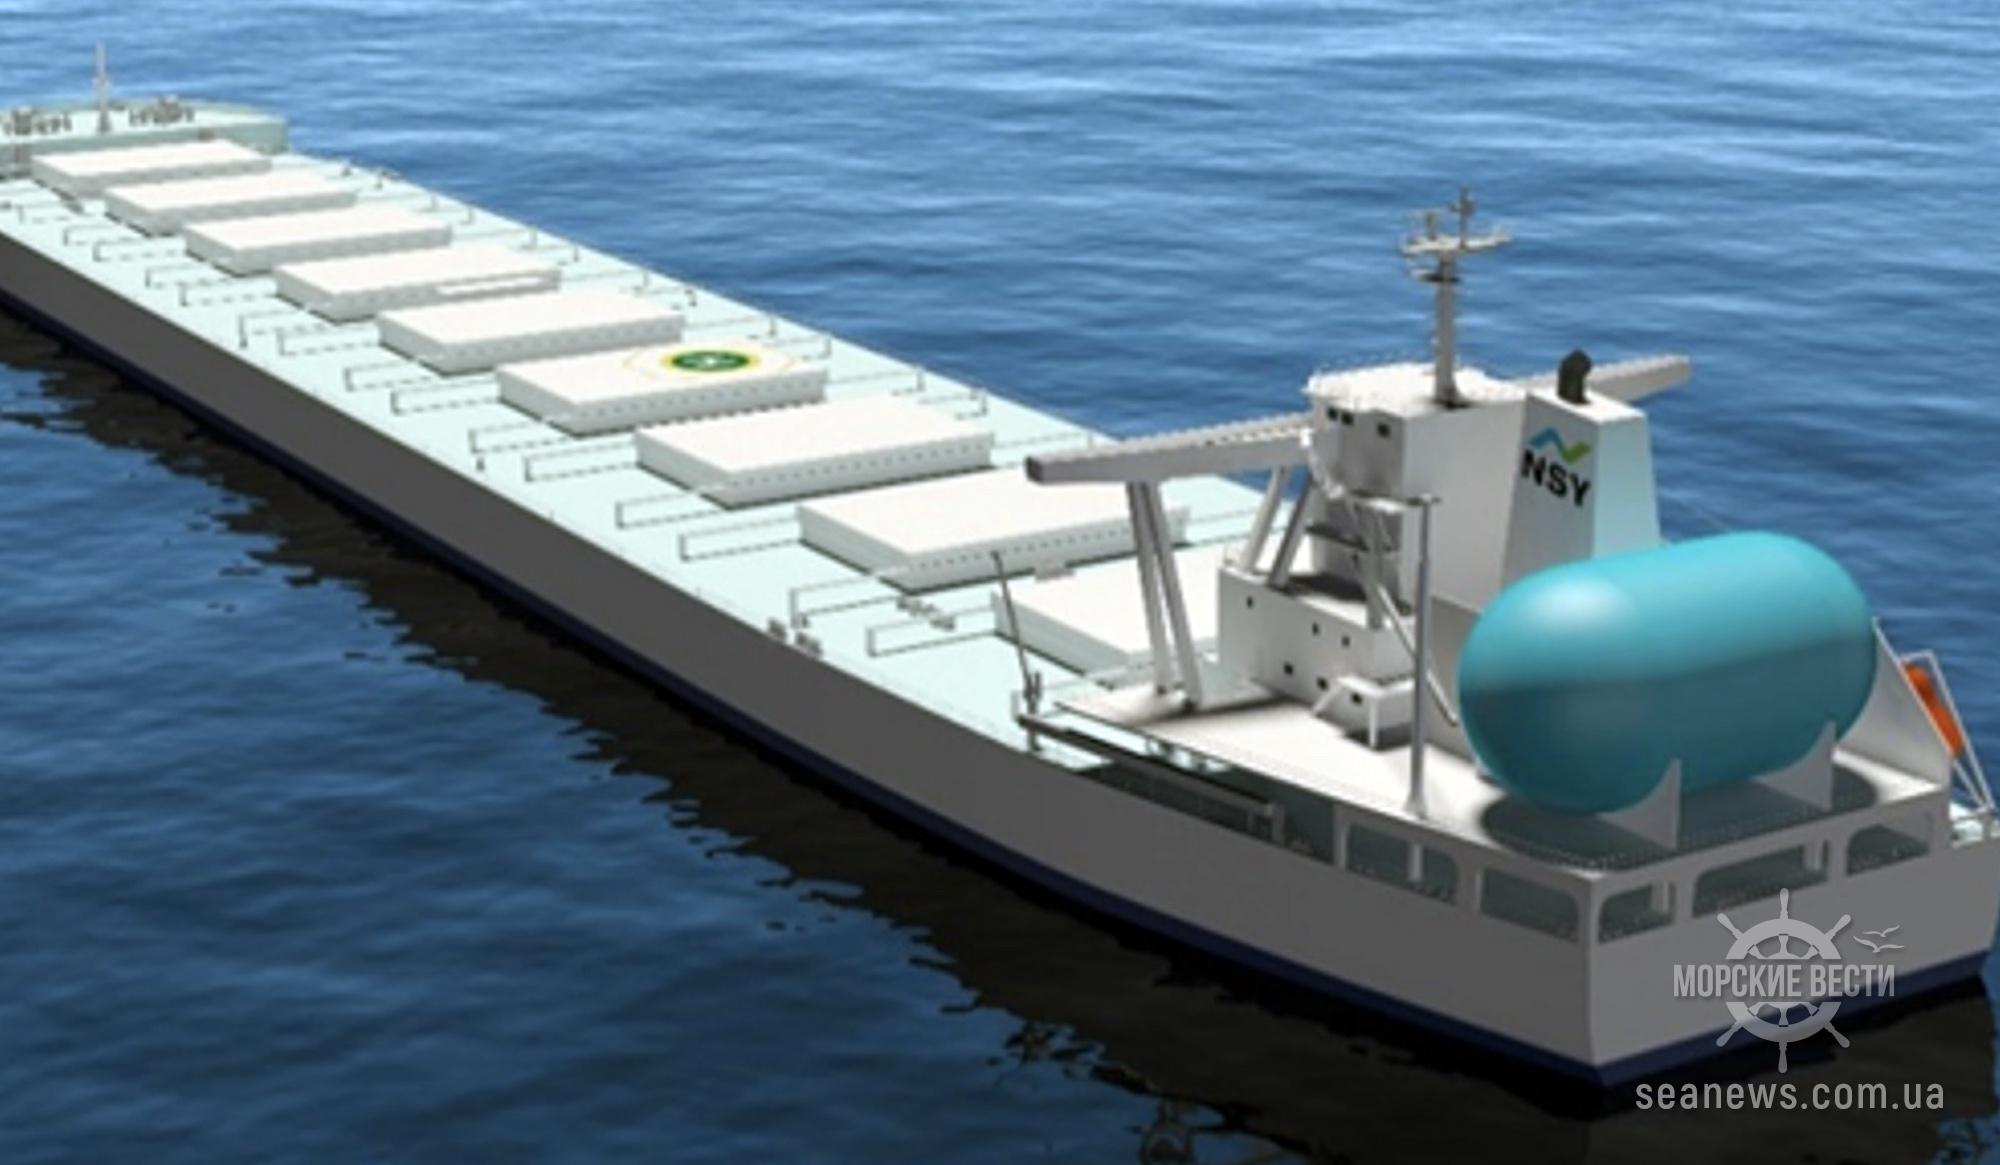 MOL подписал контракты на строительство и тайм-чартер нового судна